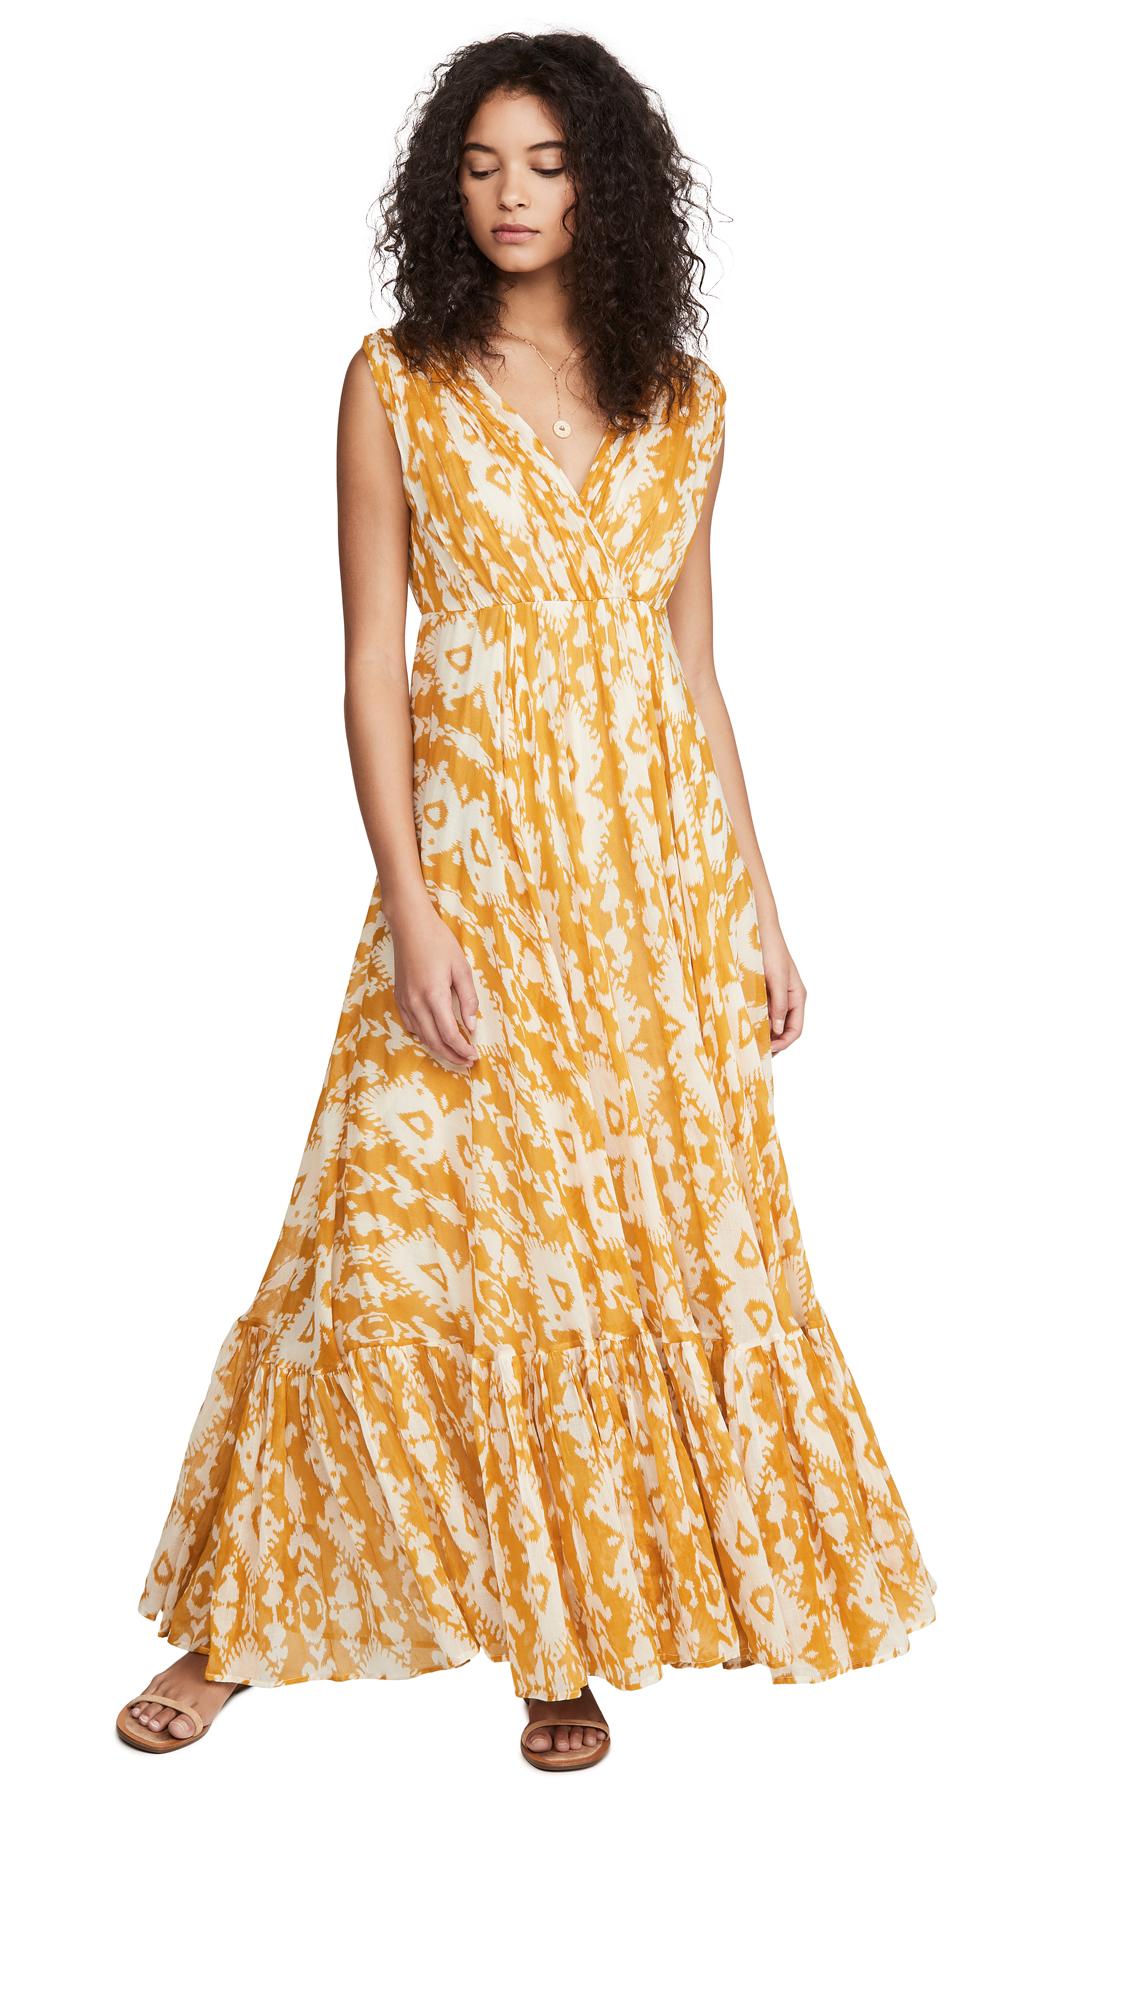 Mes Demoiselles Samarcande Dress – 30% Off Sale